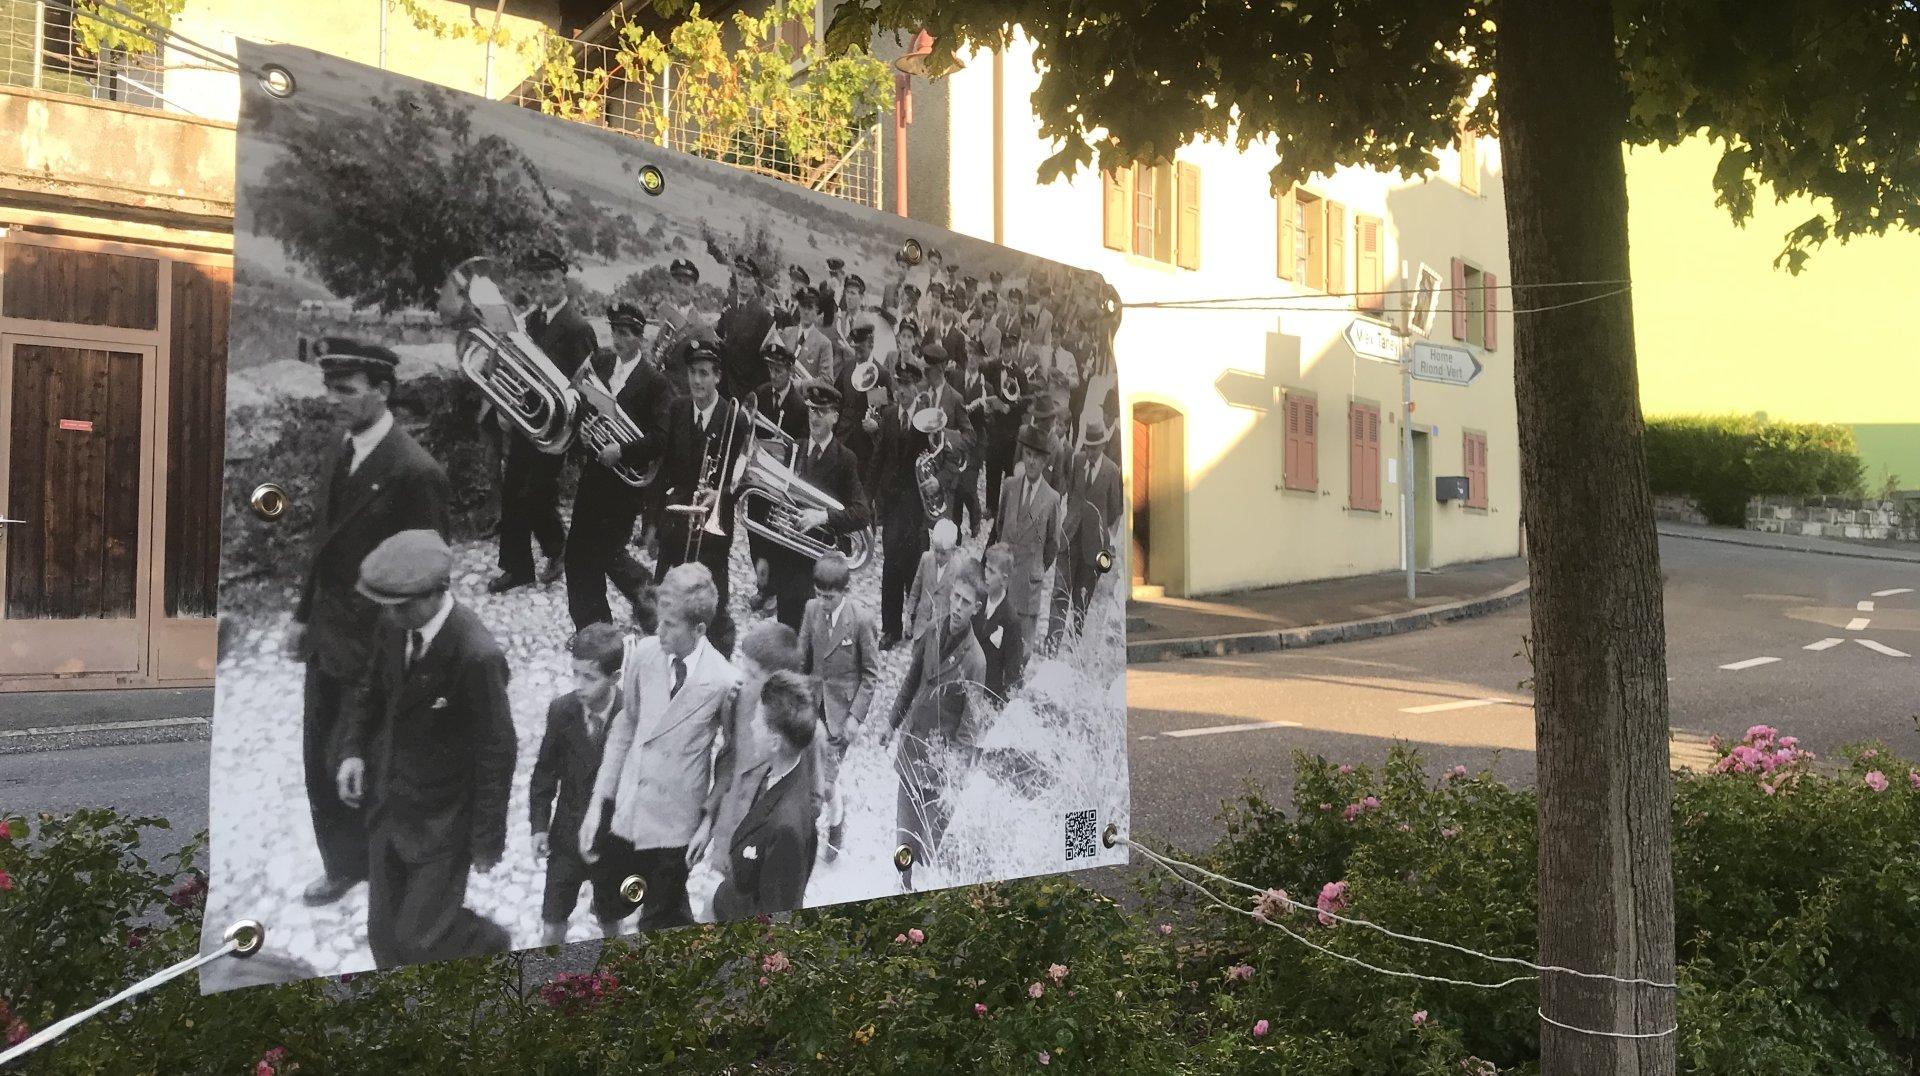 Les photos anciennes mettent aussi en lumière des traditions et des événements locaux.